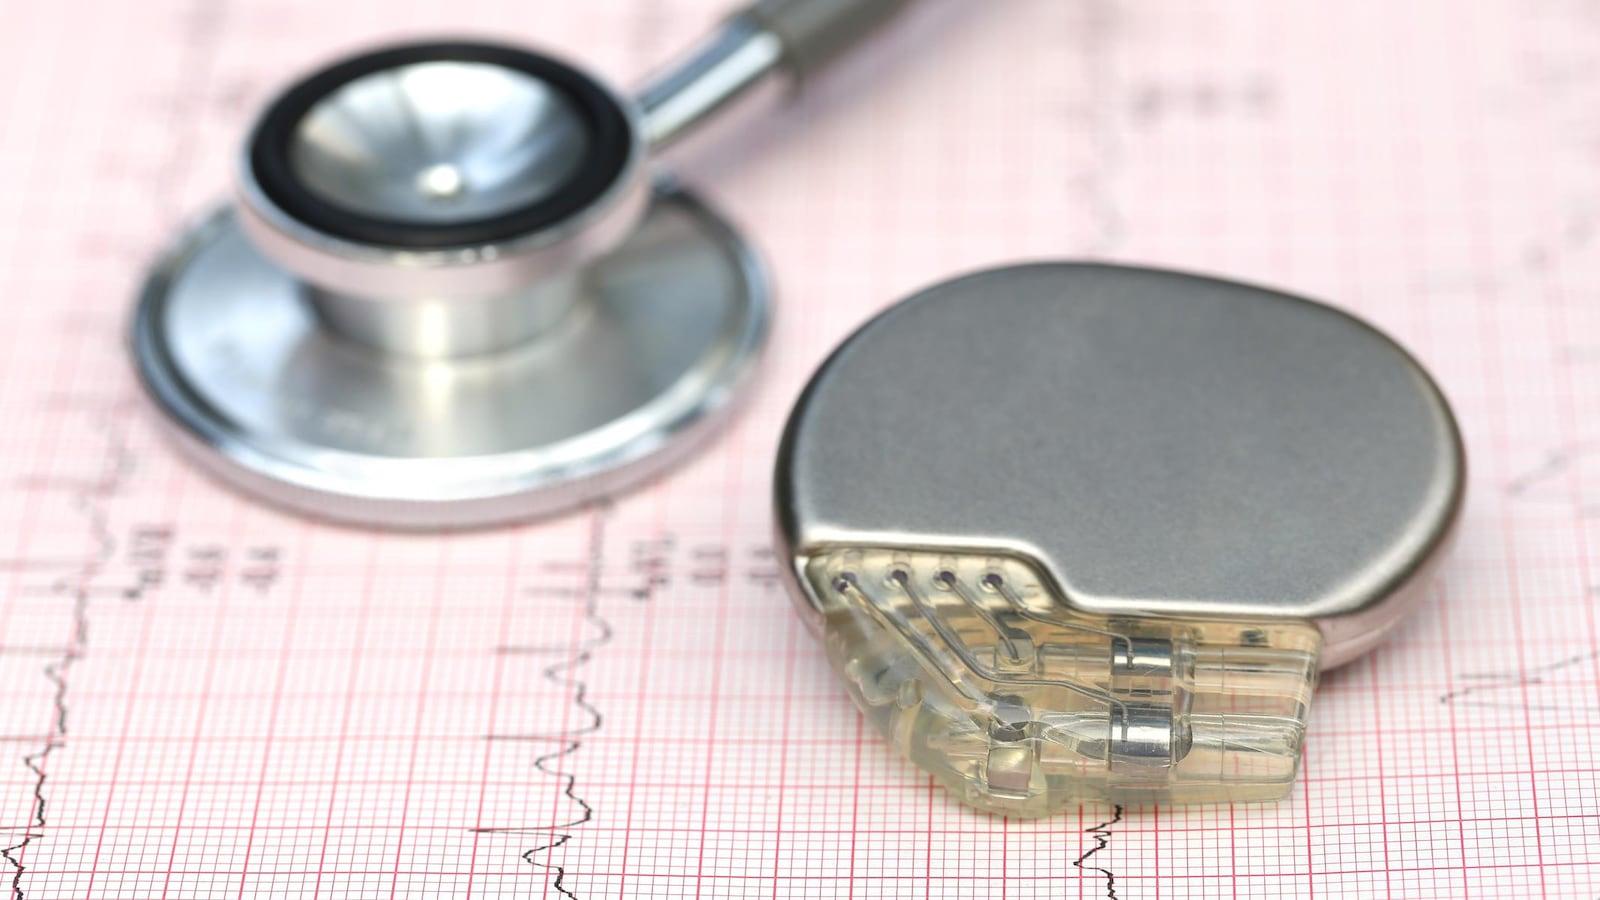 Un gros plan sur un stimulateur cardiaque posé sur une feuille de papier quadrillée, près d'un stéthoscope.